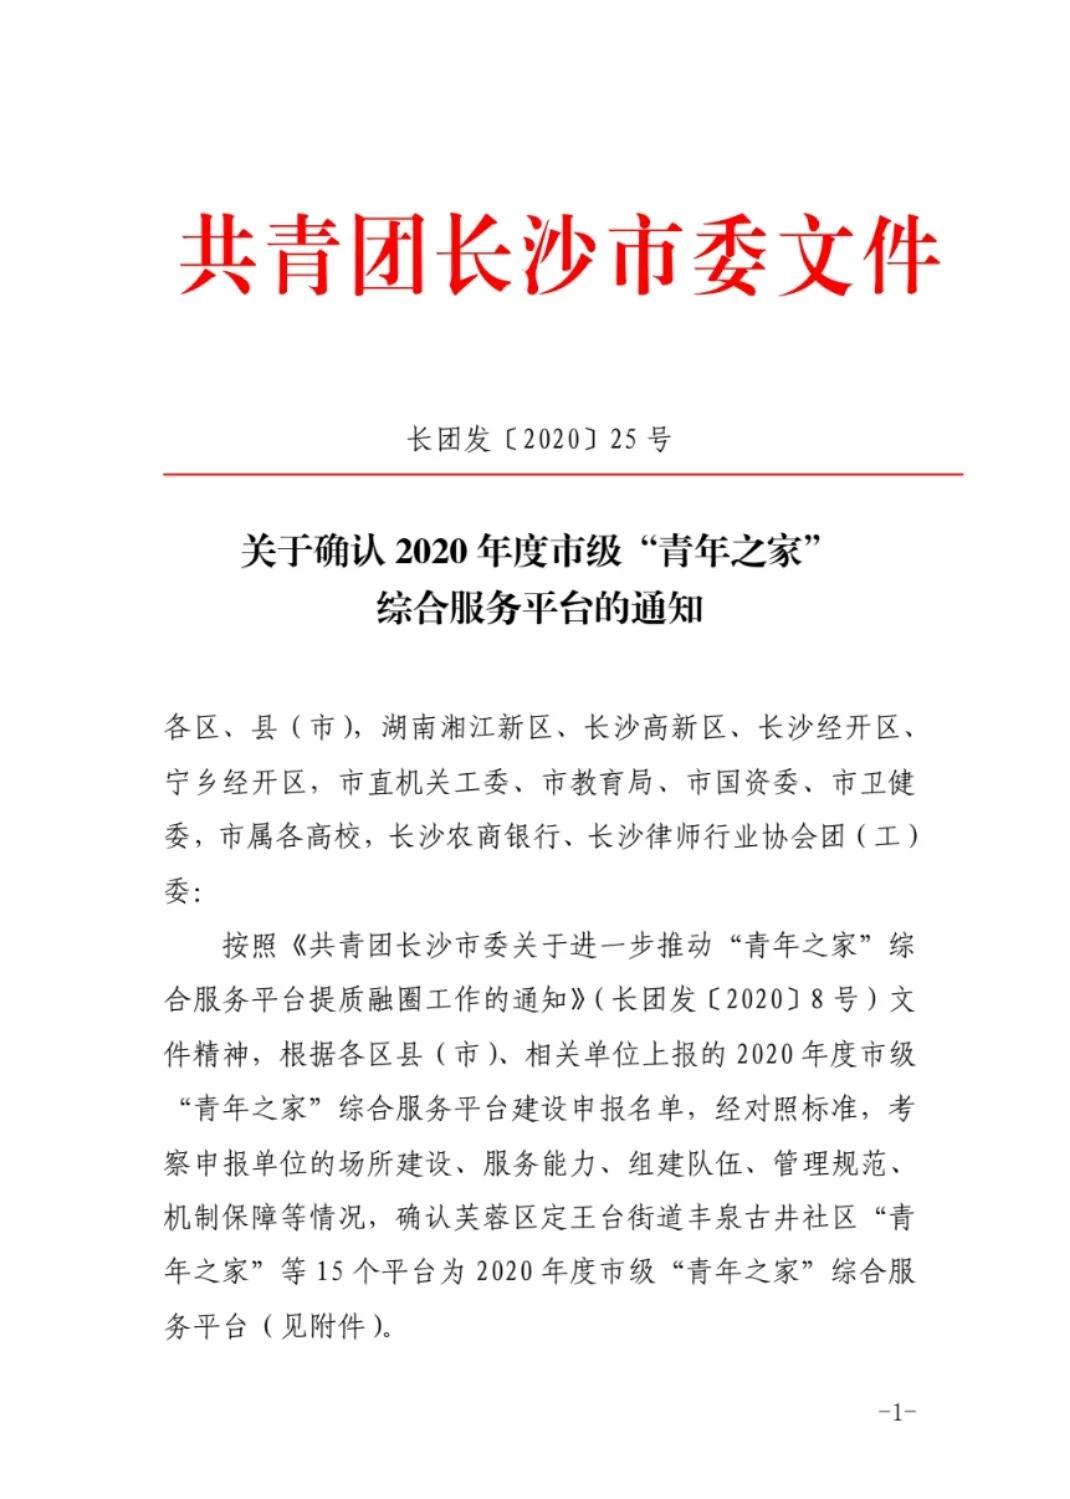 """喜讯丨学校""""青年之家""""获评长沙市级""""青年之家""""综合服务平台"""